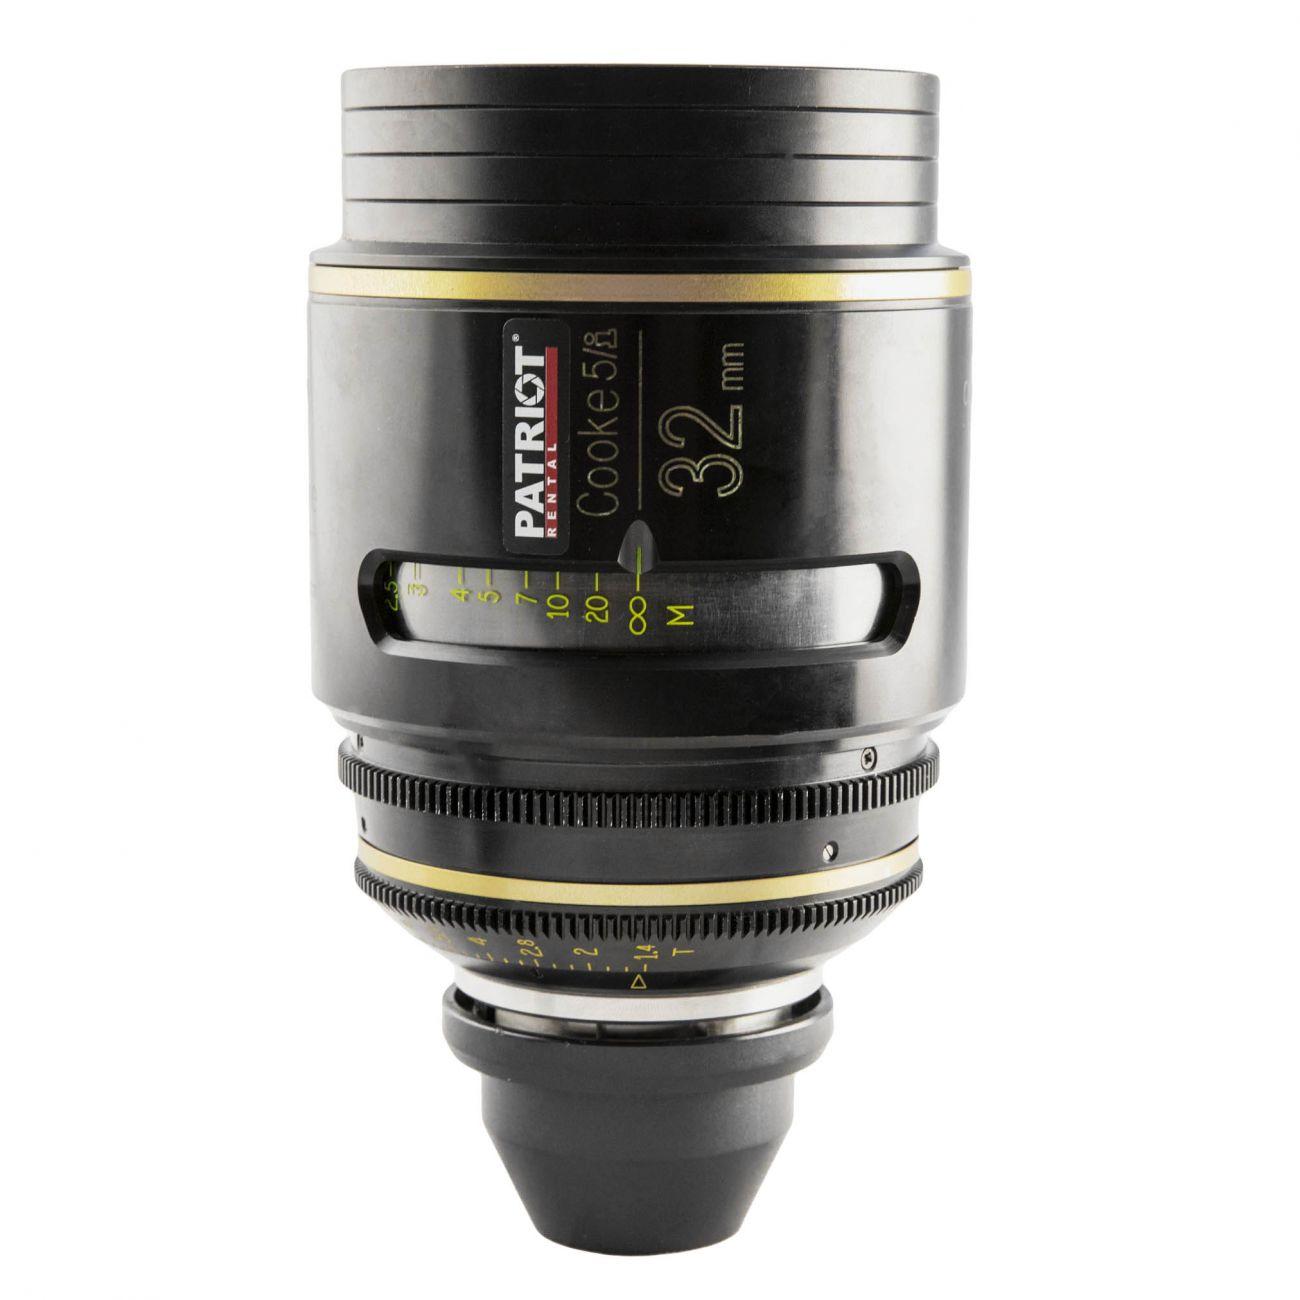 32mm COOKE 5/i lens T1.4